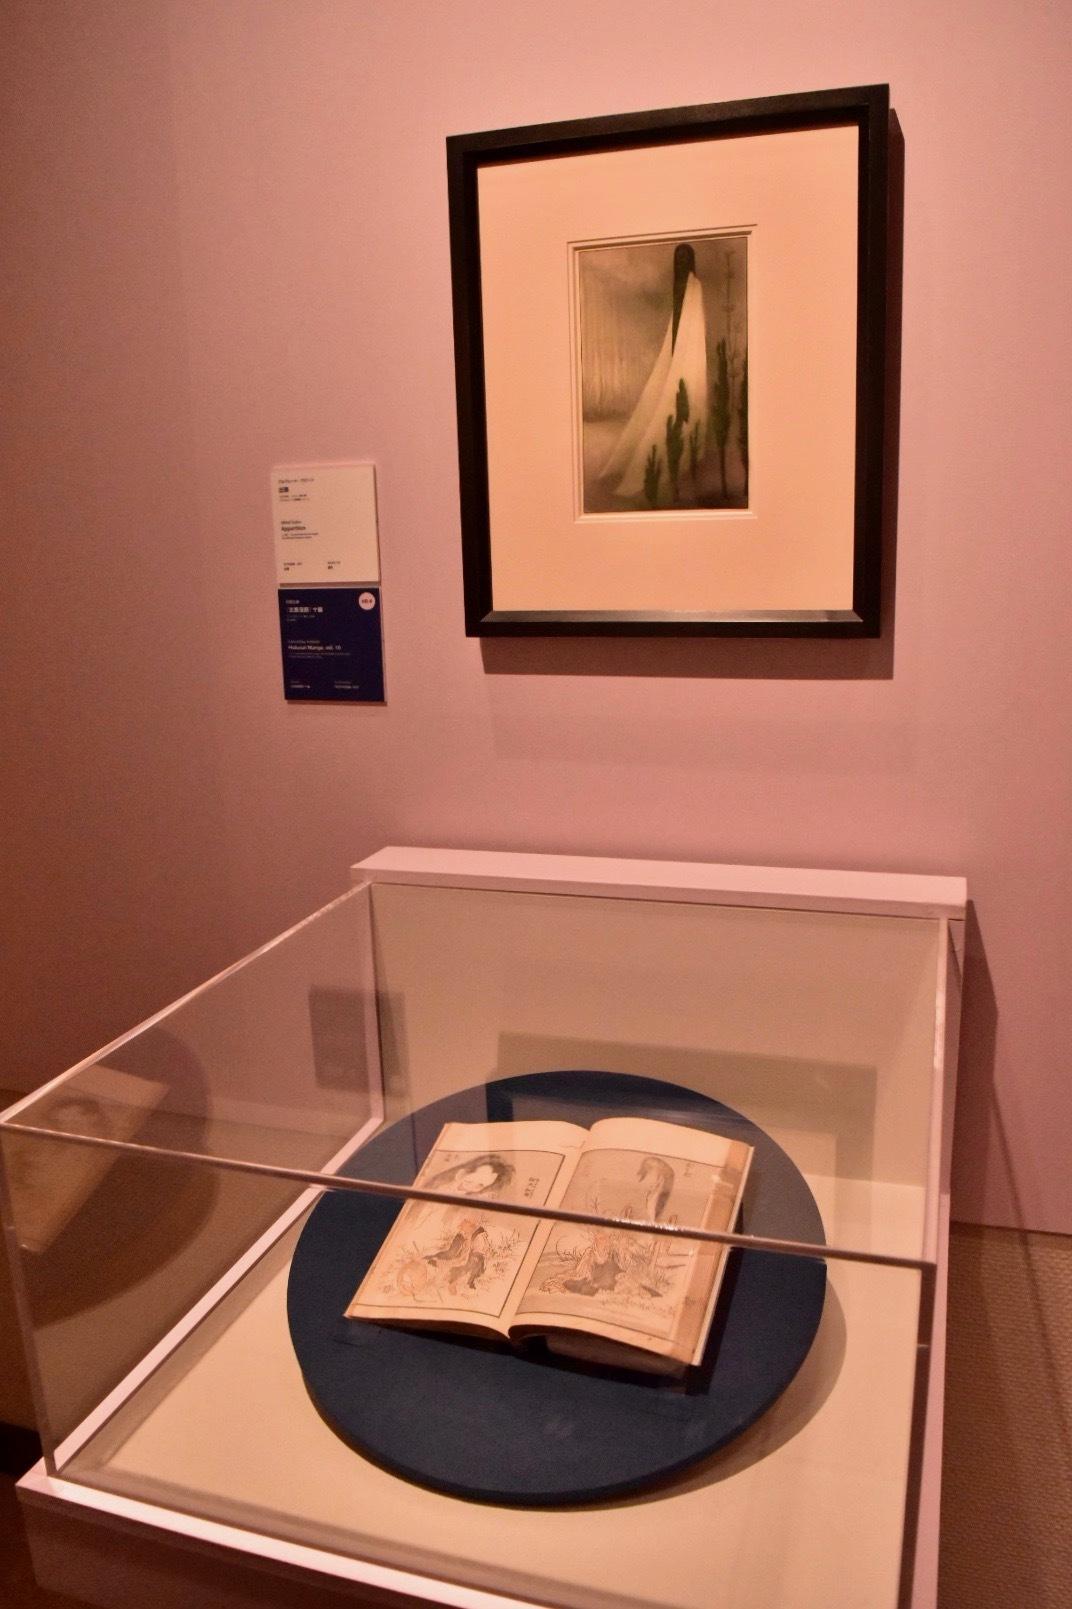 上:アルフレート・クビーン《出現》1902年頃 アルベルティ―ナ美術館、ウィーン  下:葛飾北斎『北斎漫画』十編 1819(文政2)年 浦上蒼穹堂